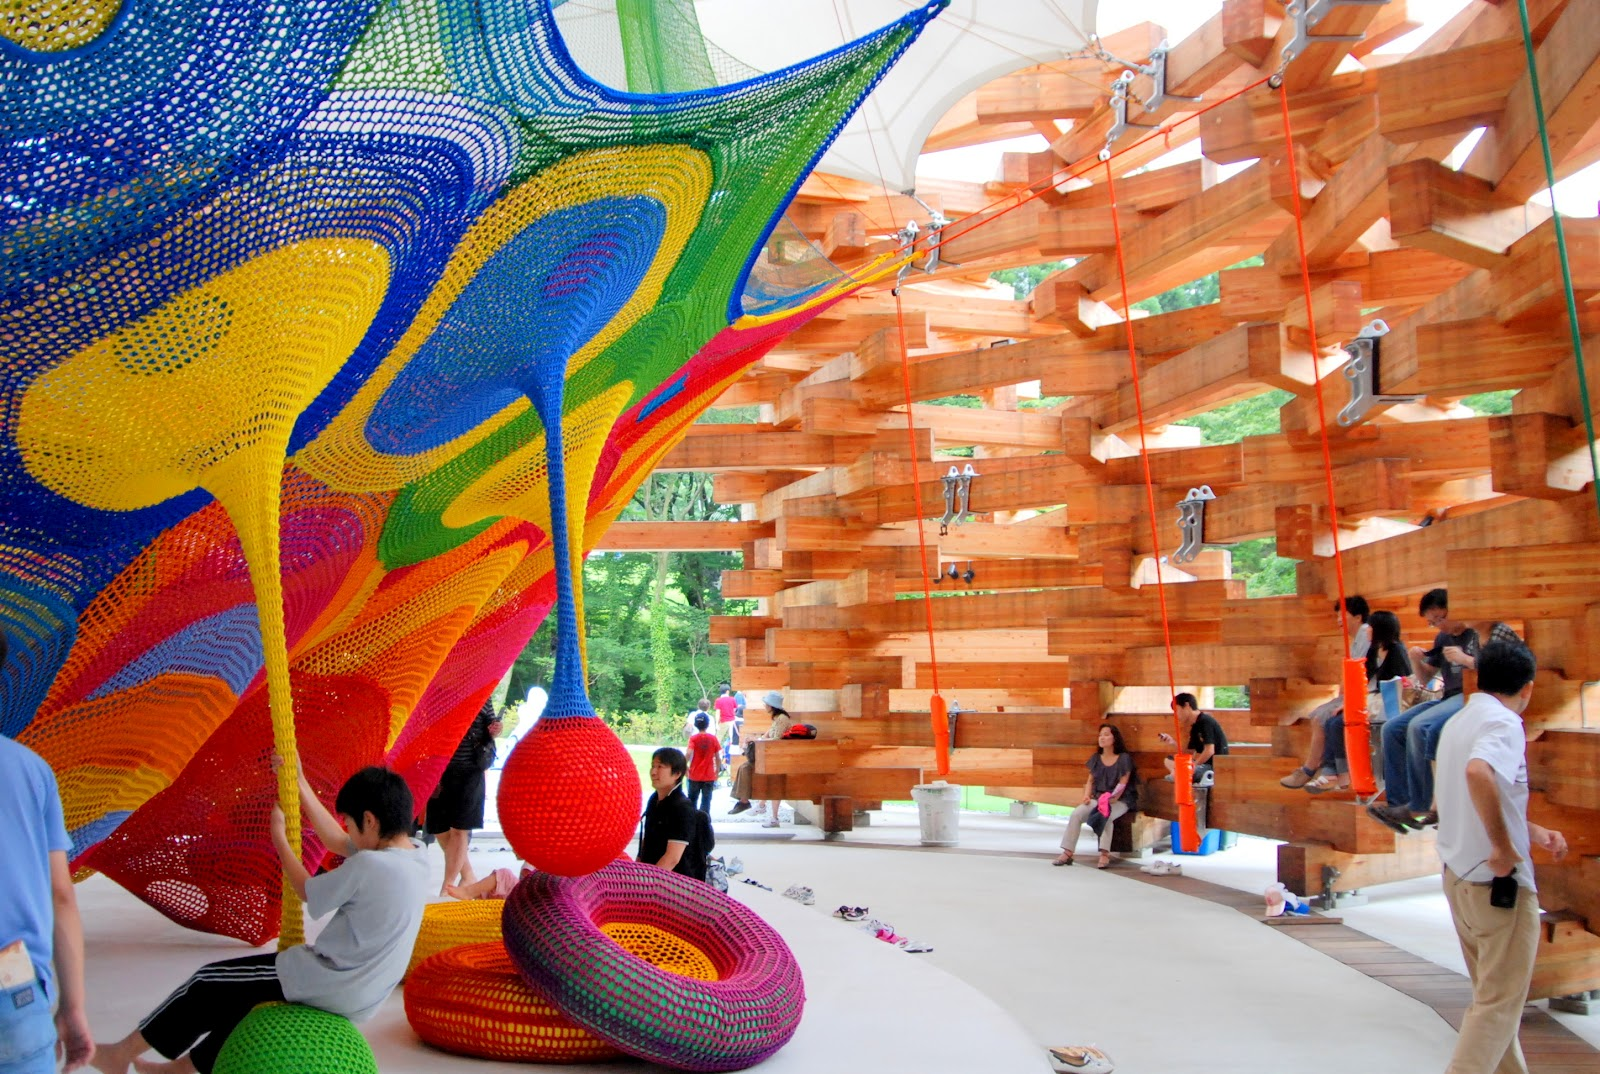 air-de-jeux-tezuka-architecture-kanagawa-woods-of-net-toshiko-horiuchi-macadam-0